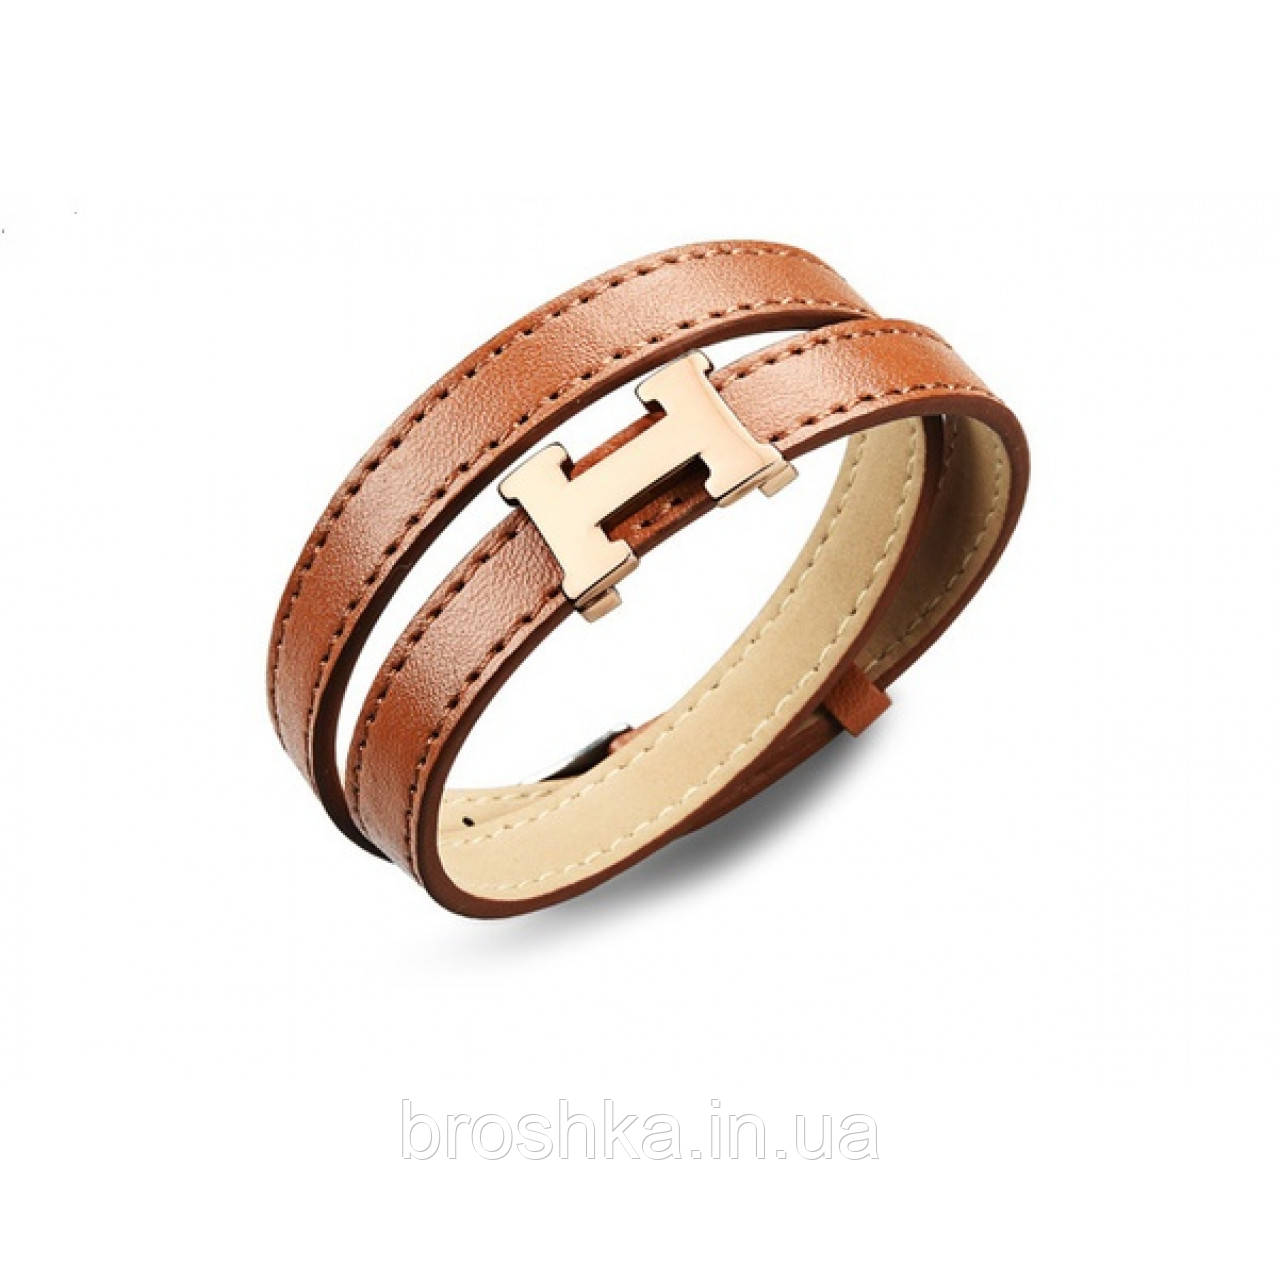 Коричневый кожаный браслет унисекс бижутерия